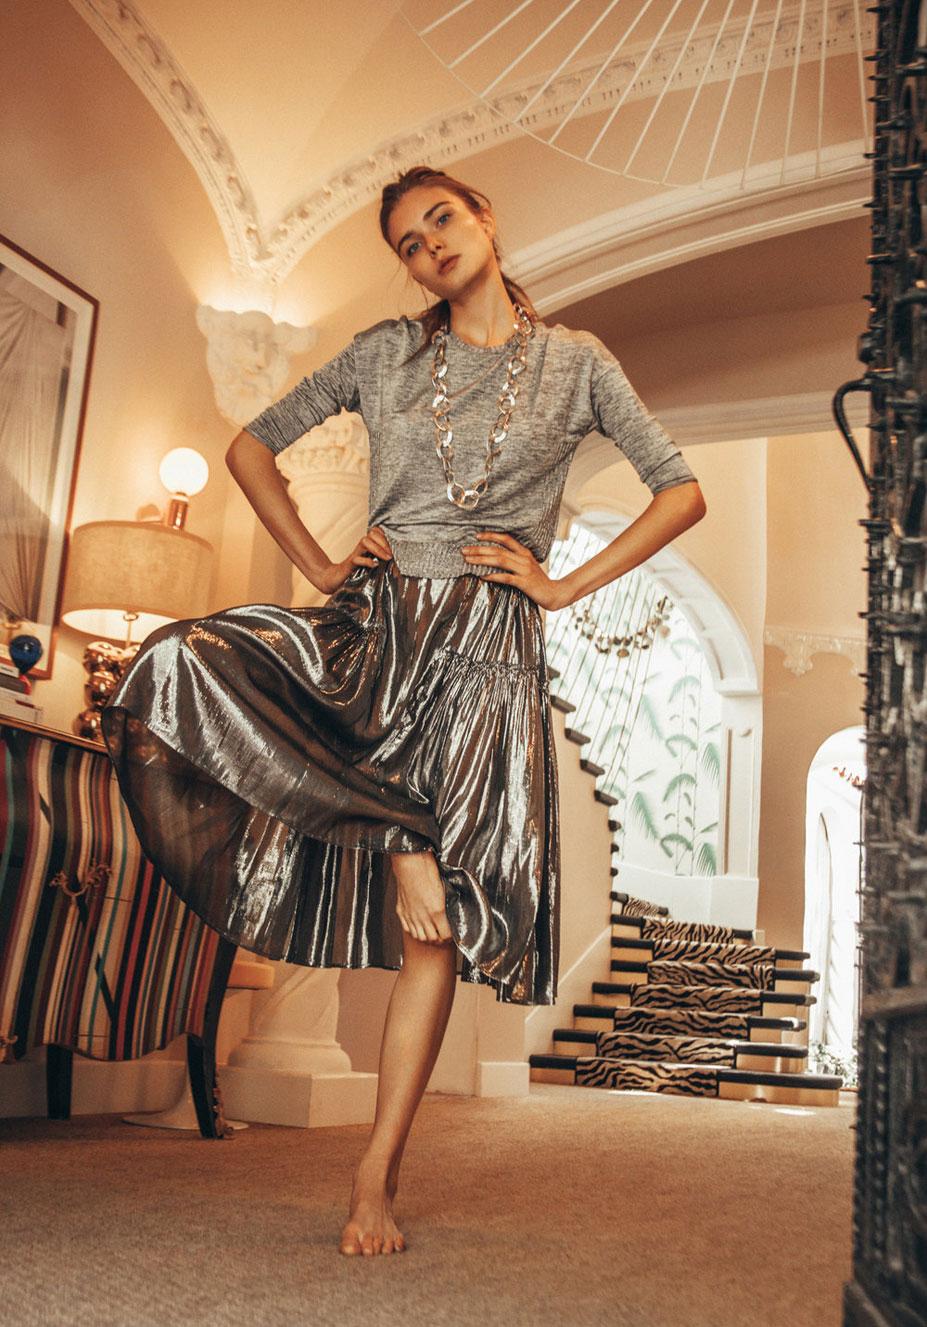 Анна Штольц тестирует модную одежду / фото 18